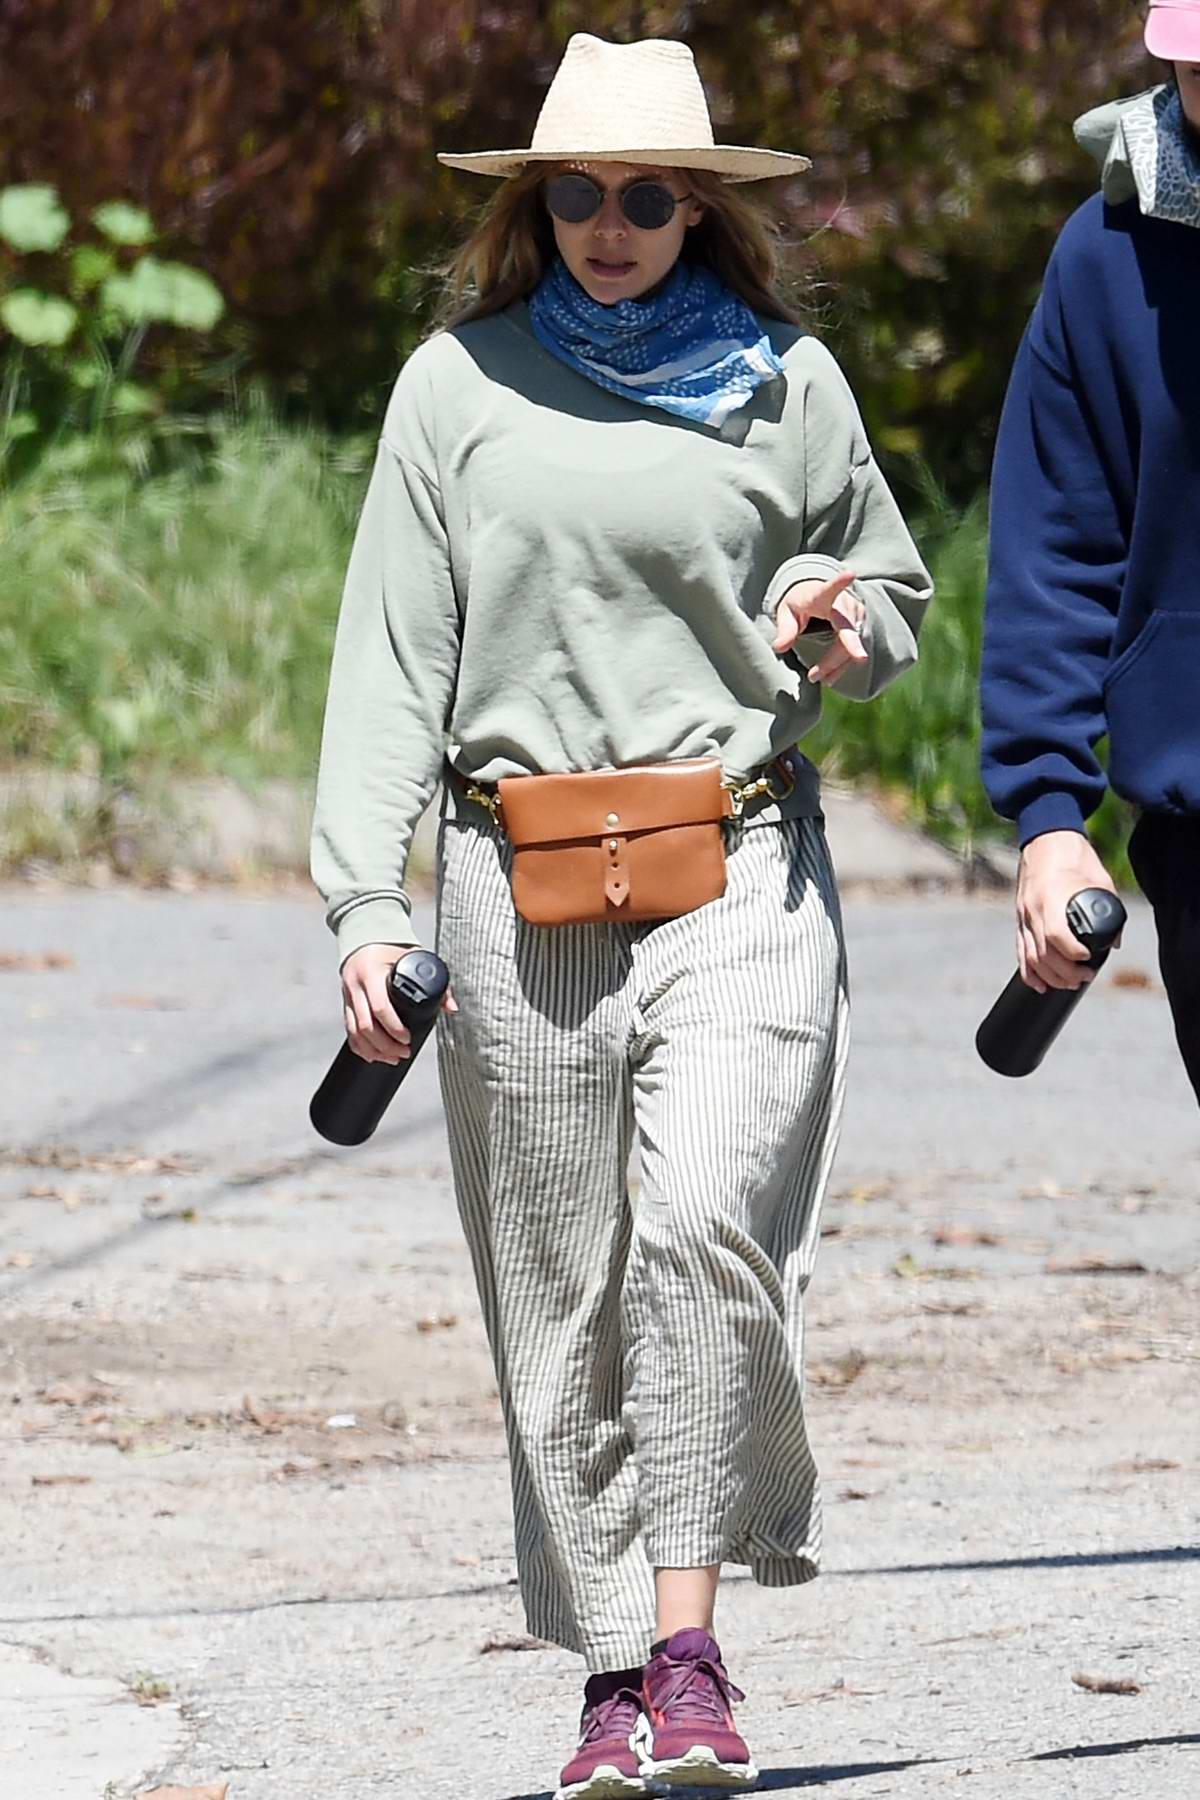 Elizabeth Olsen enjoys a hike with Robbie Arnett in Hollywood Hills, California